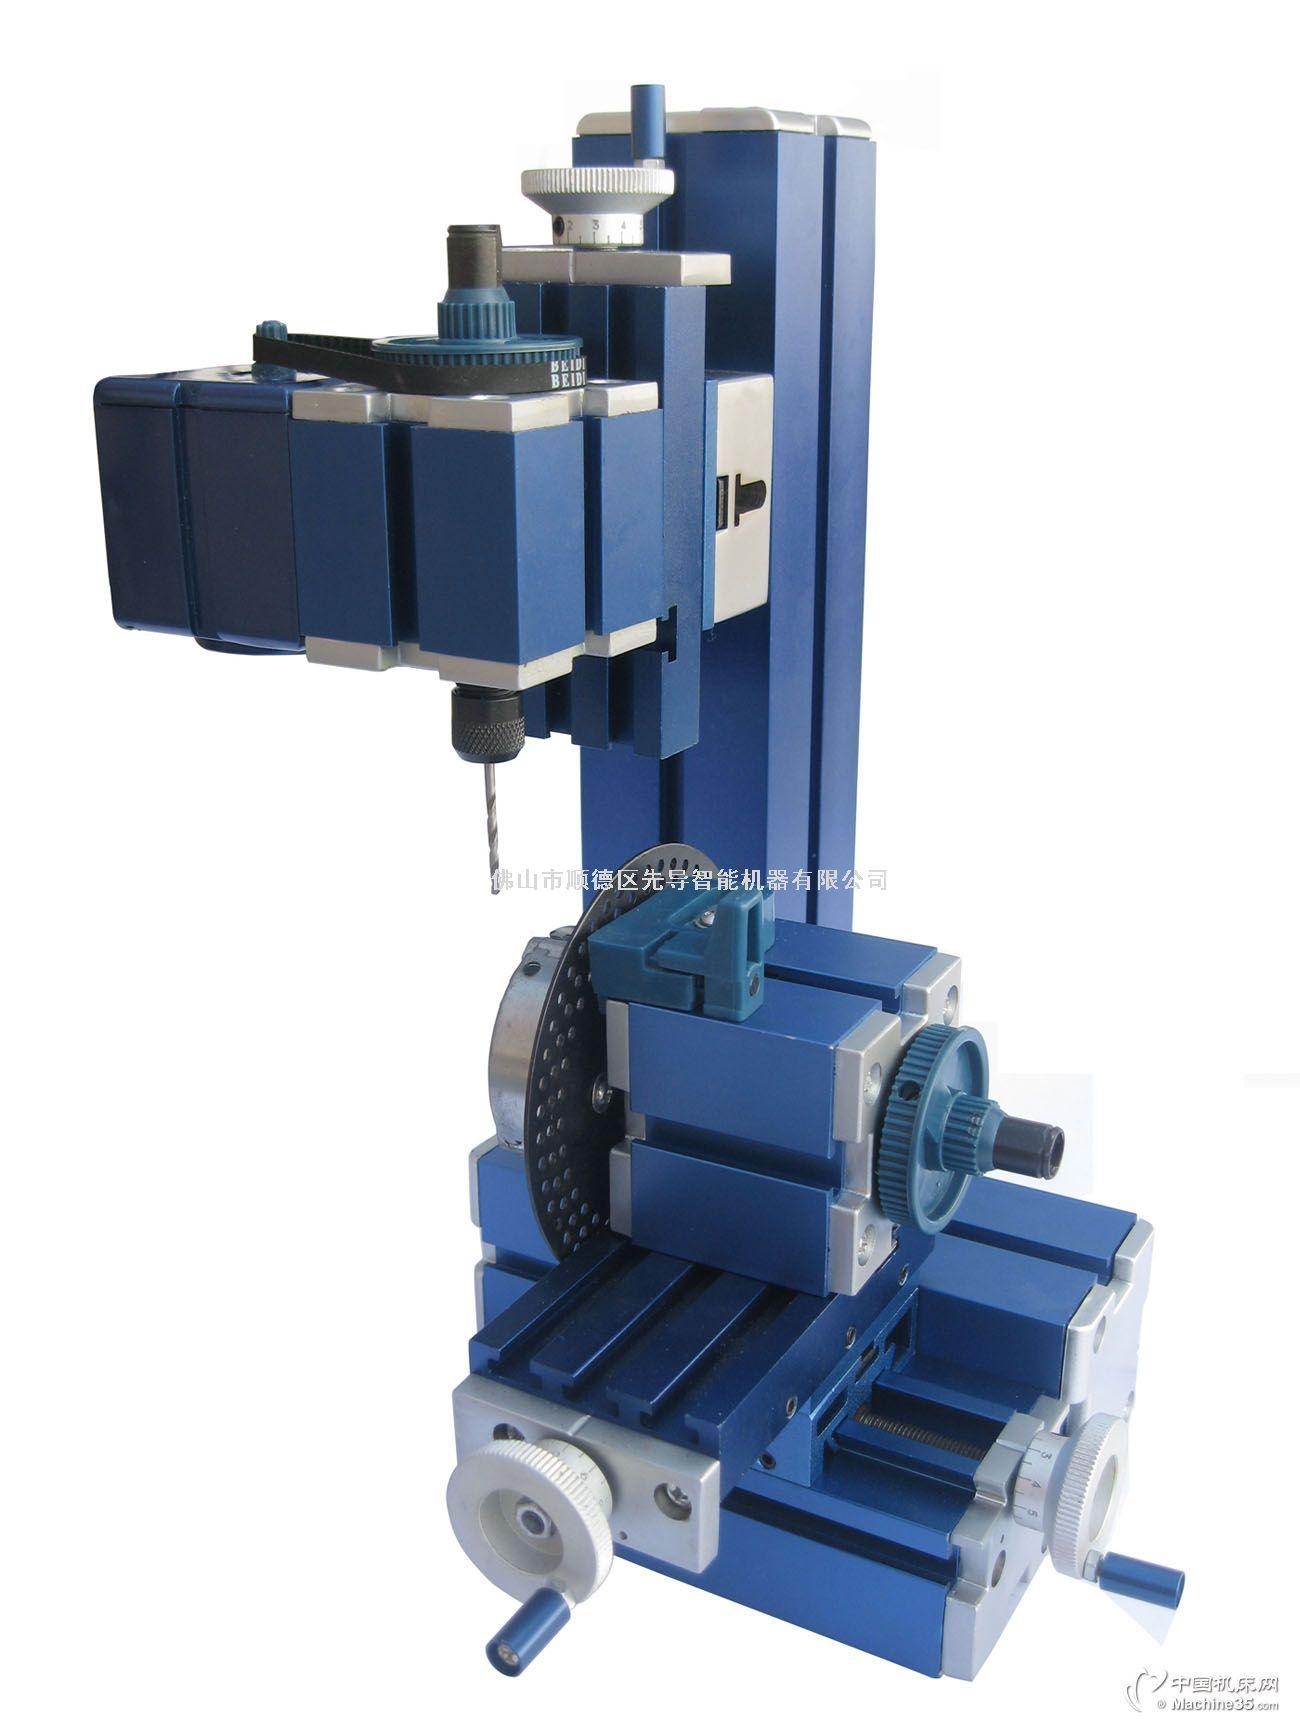 产品详细介绍机器主要部件:主轴箱、中间块、连接块、顶尾座、大滑块、小滑块、手轮、支撑器等主要部件的材料是用金属制成,产品的质量提高,更耐用,精度更高。产品特点:可以根据不同加工要求,配合分度盘的使用,在圆木上钻出不同角度的孔,变压器有过热保护技术参数:马达转速20000转/分钟输入电压/电流/功率12VDC/2A/6W加工材料木质塑料,软金属(铝,铜等)三爪夹盘可加工最大直径50mm包装大小230×200×315mm重量3.